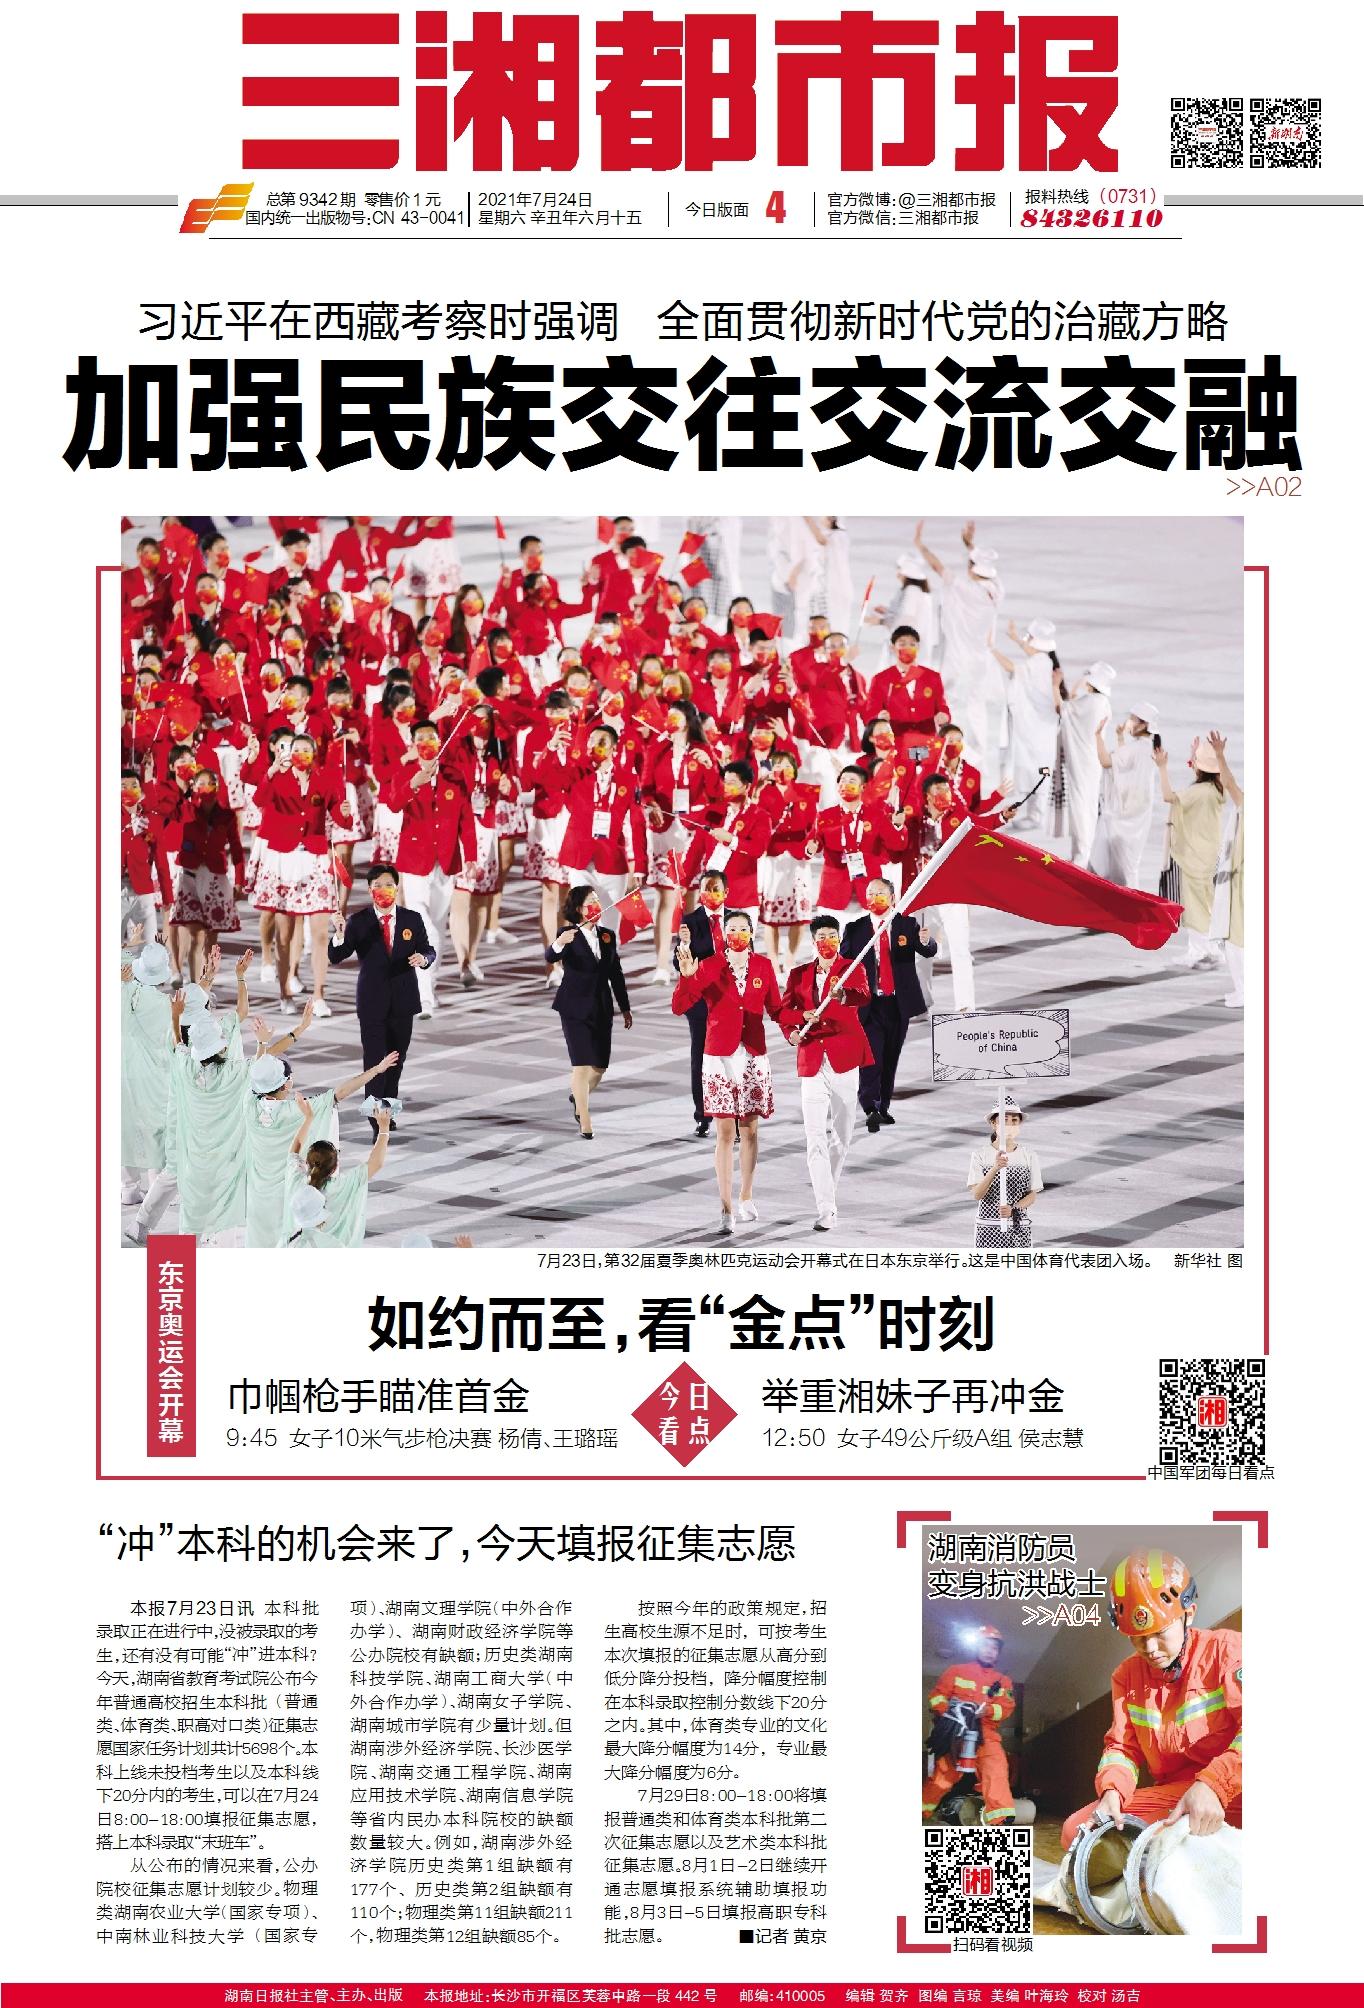 读报|东京奥运会开幕,巾帼枪手瞄准首金